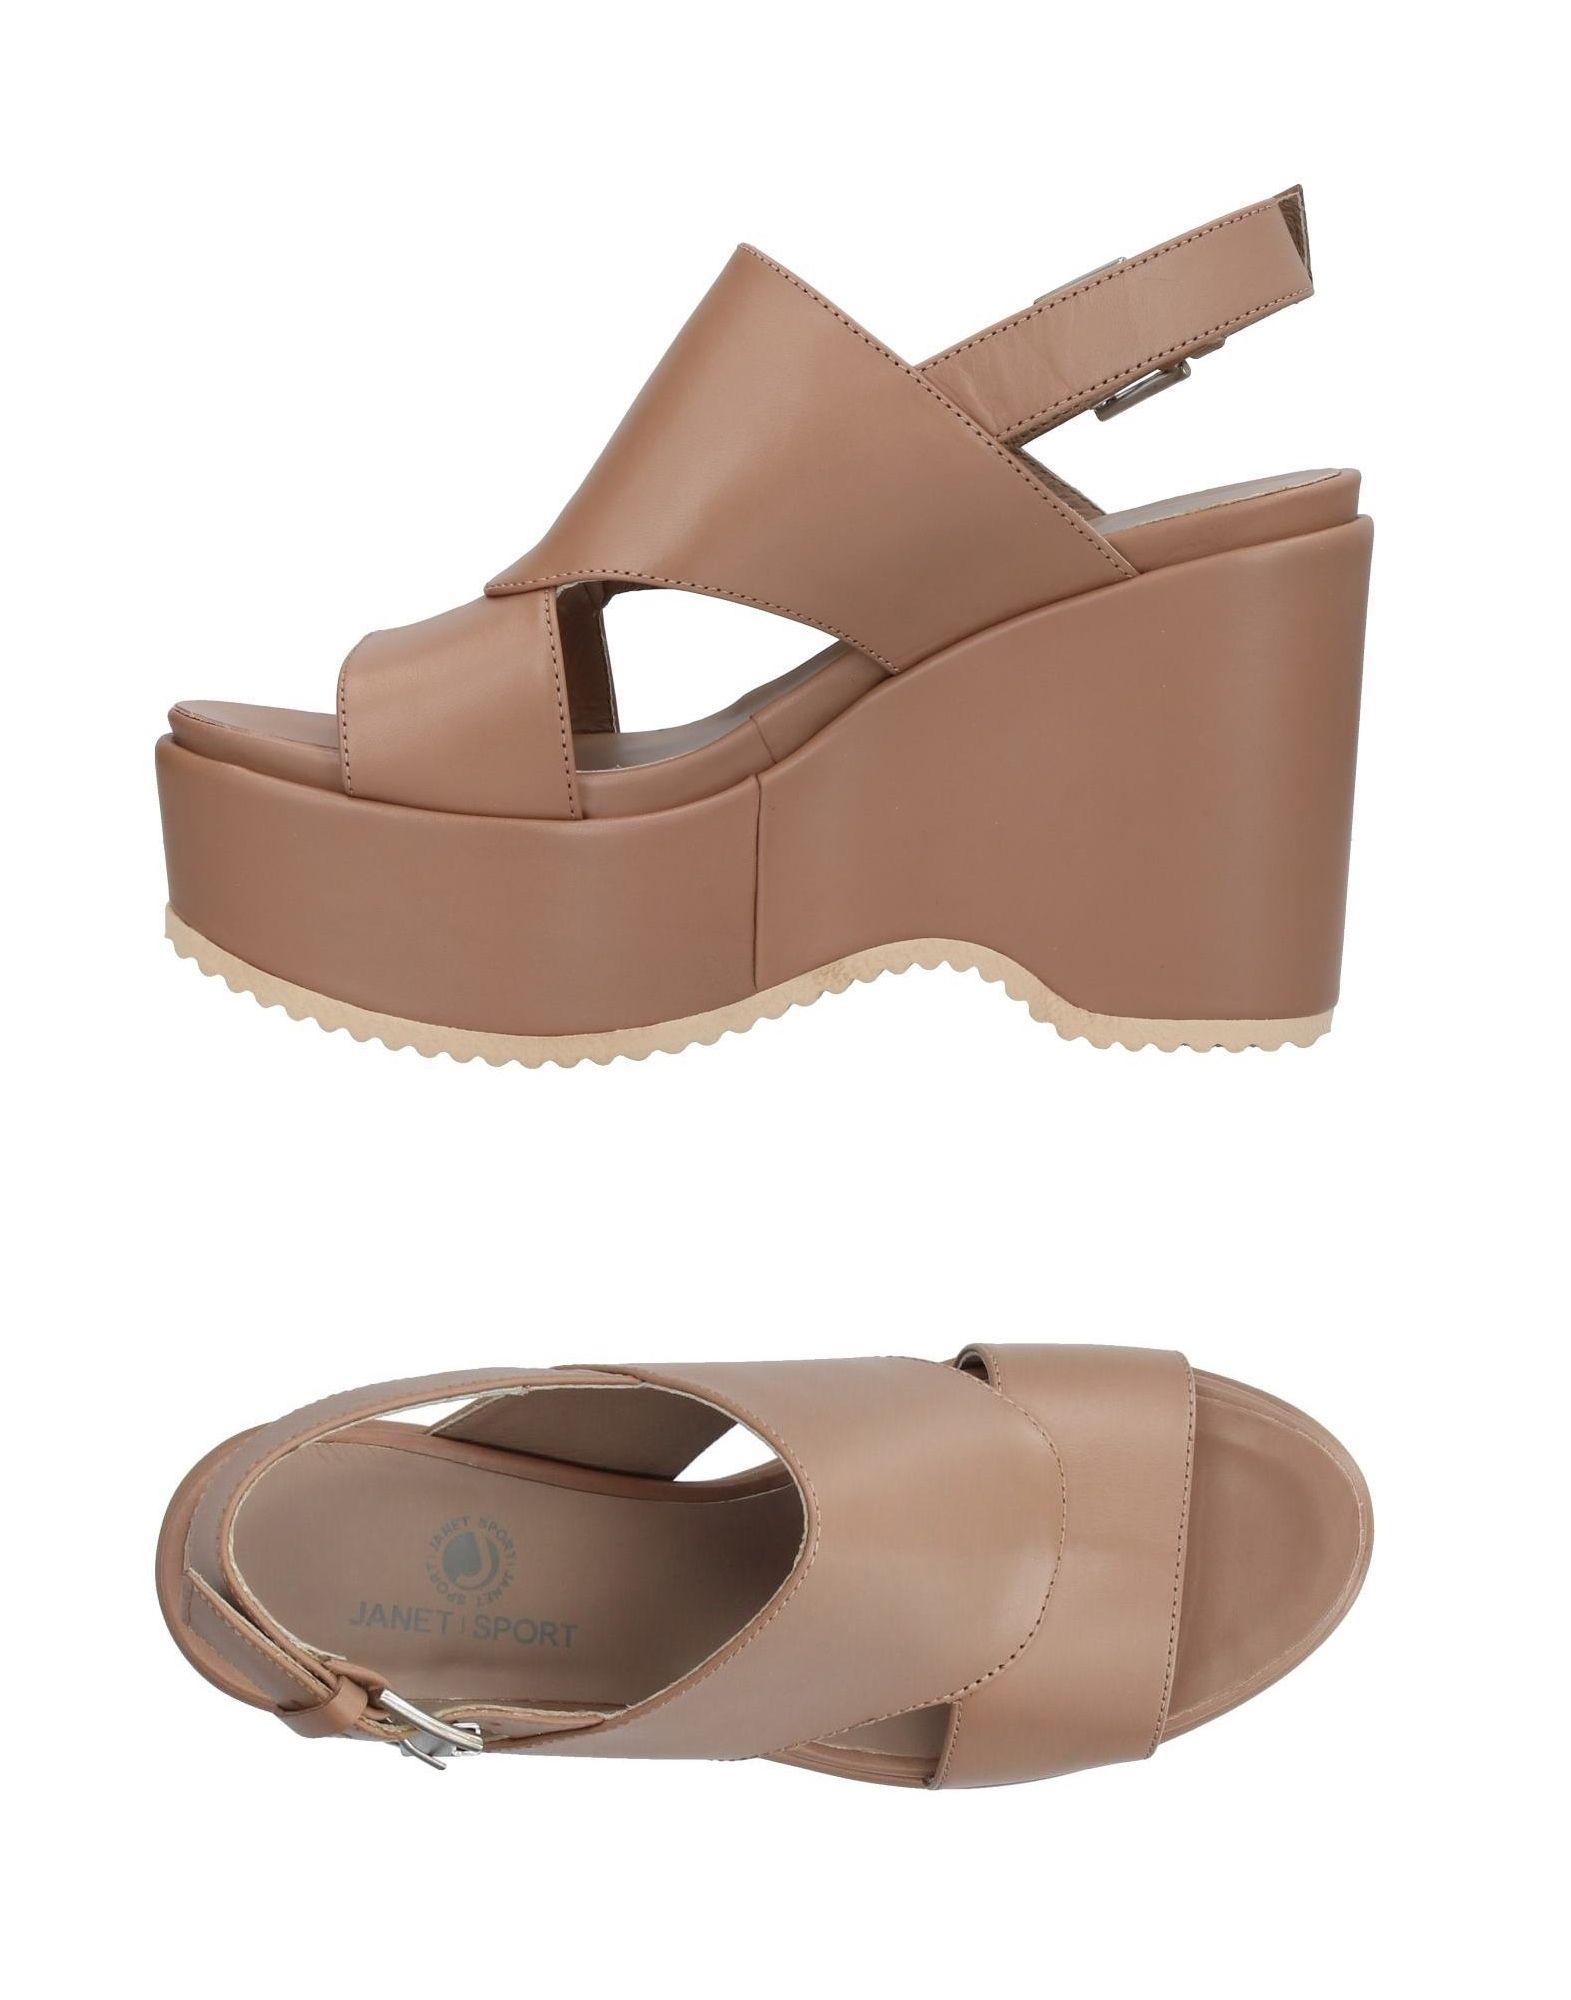 Janet Sport Sandalen Damen  11399354AX Gute Qualität beliebte Schuhe